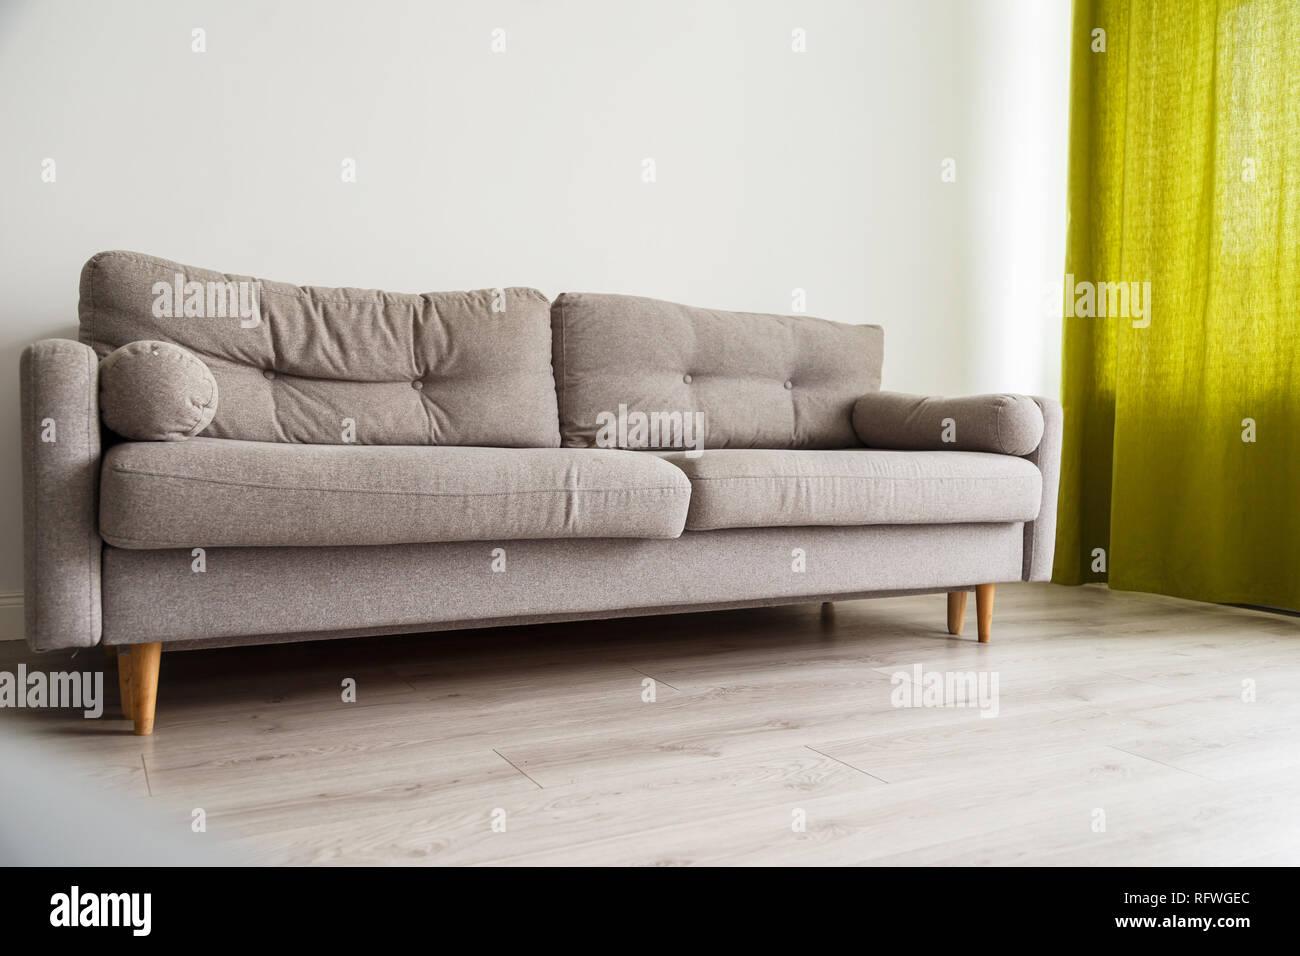 Canape Gris Monochromatique En Salon Avec Rideaux Verts